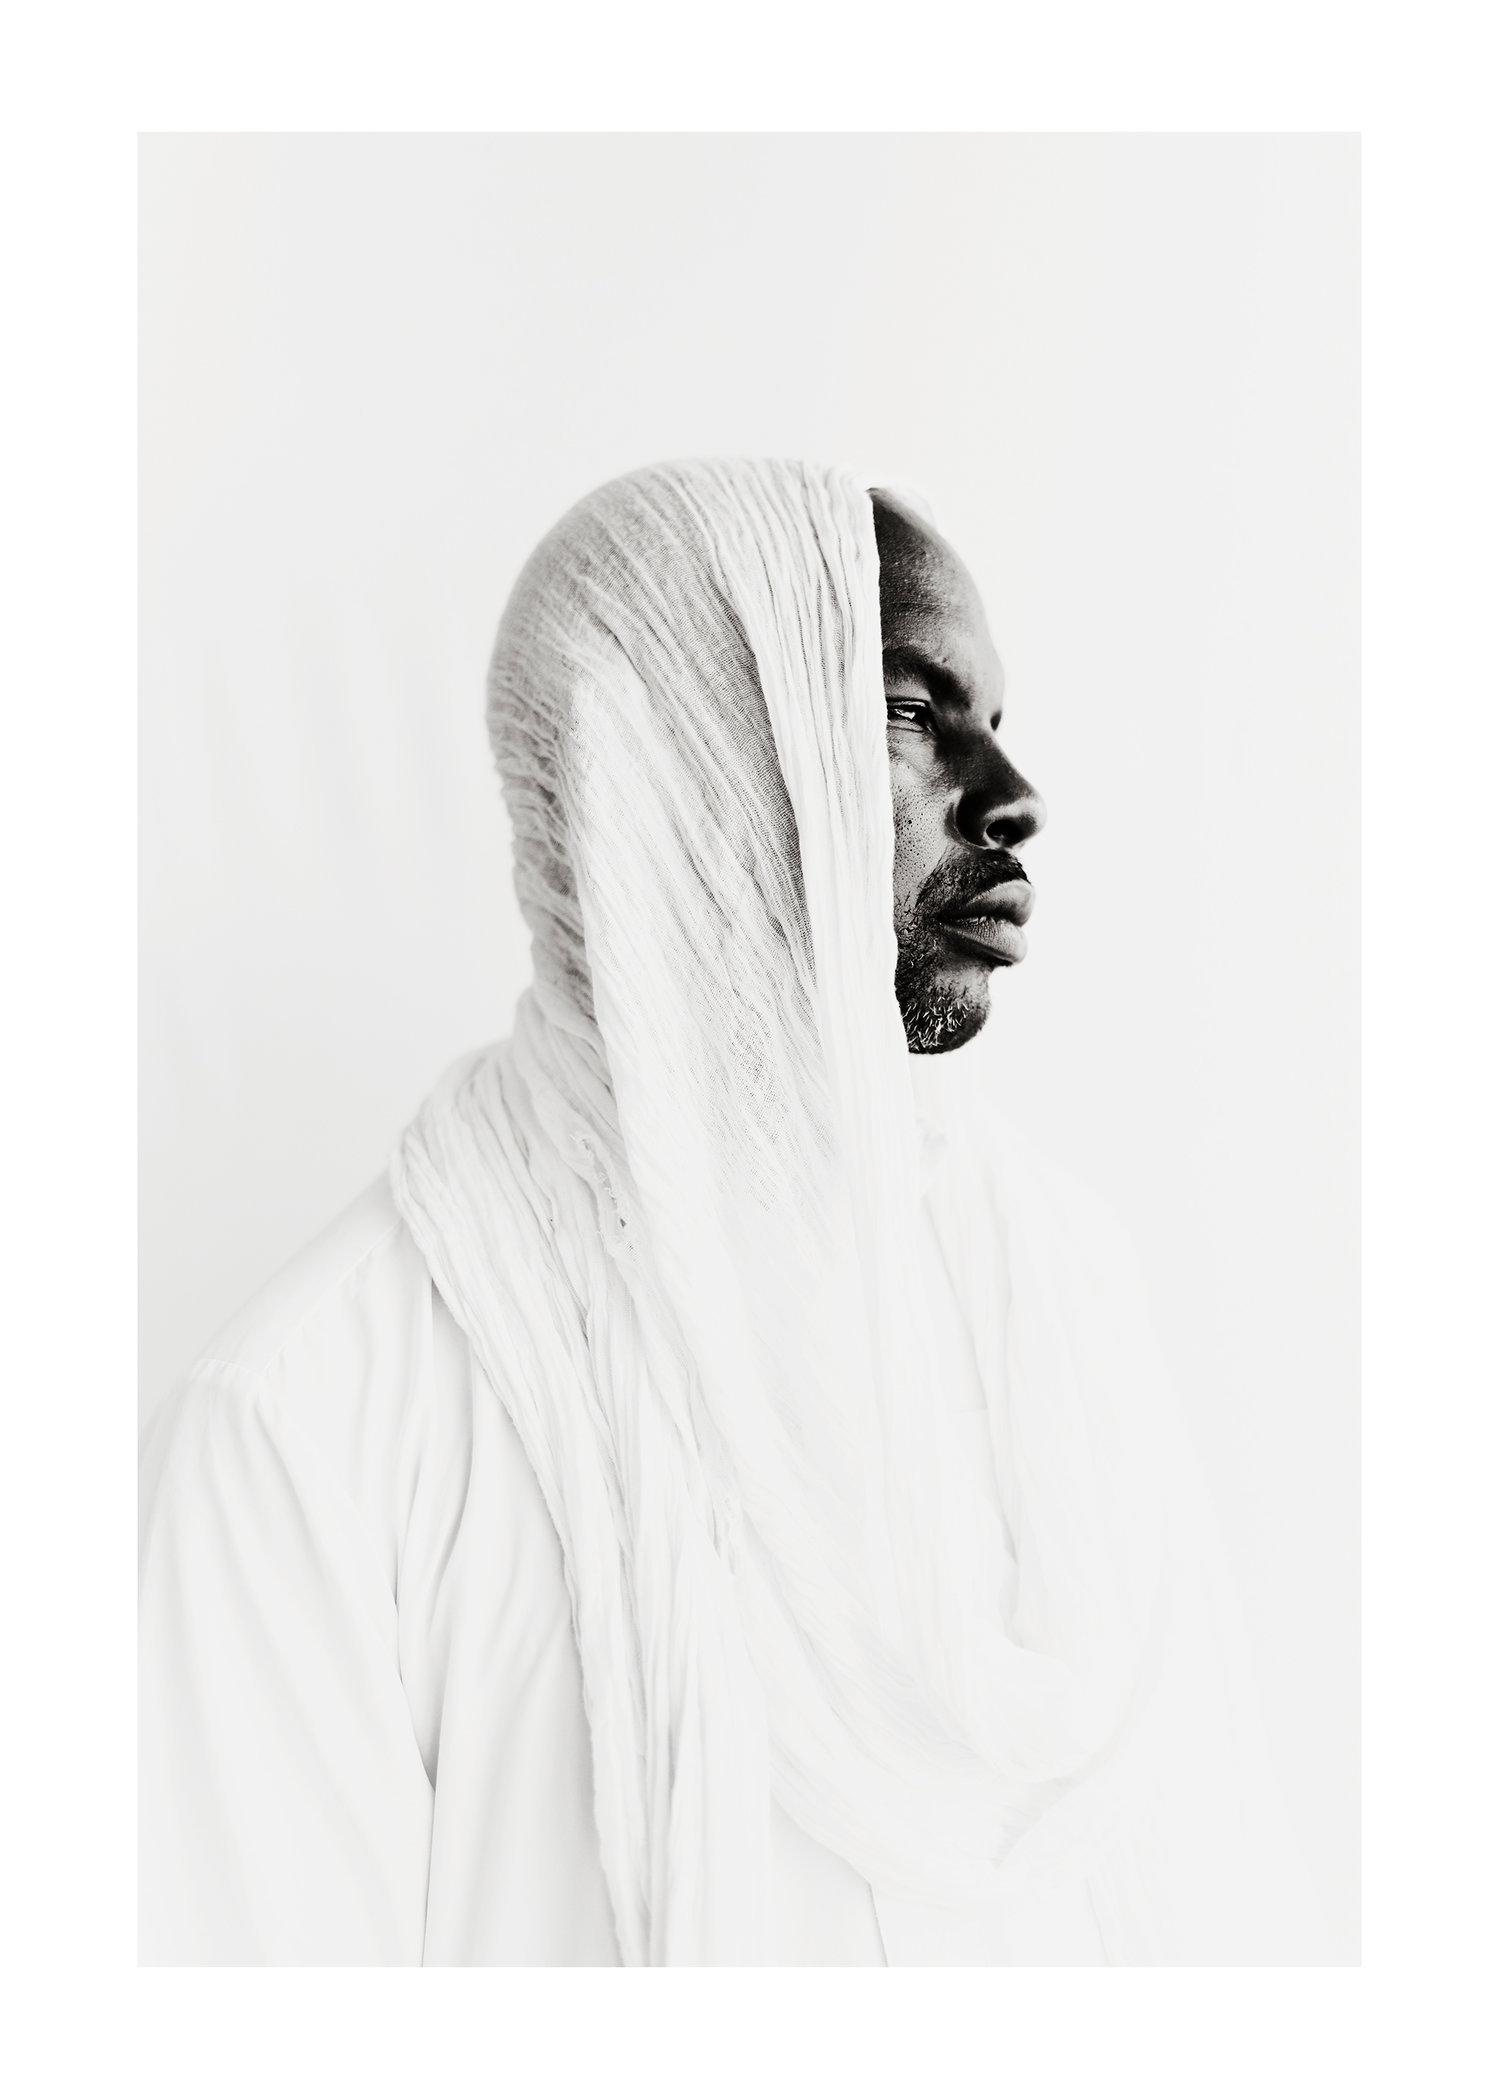 Ahmed x1.jpg